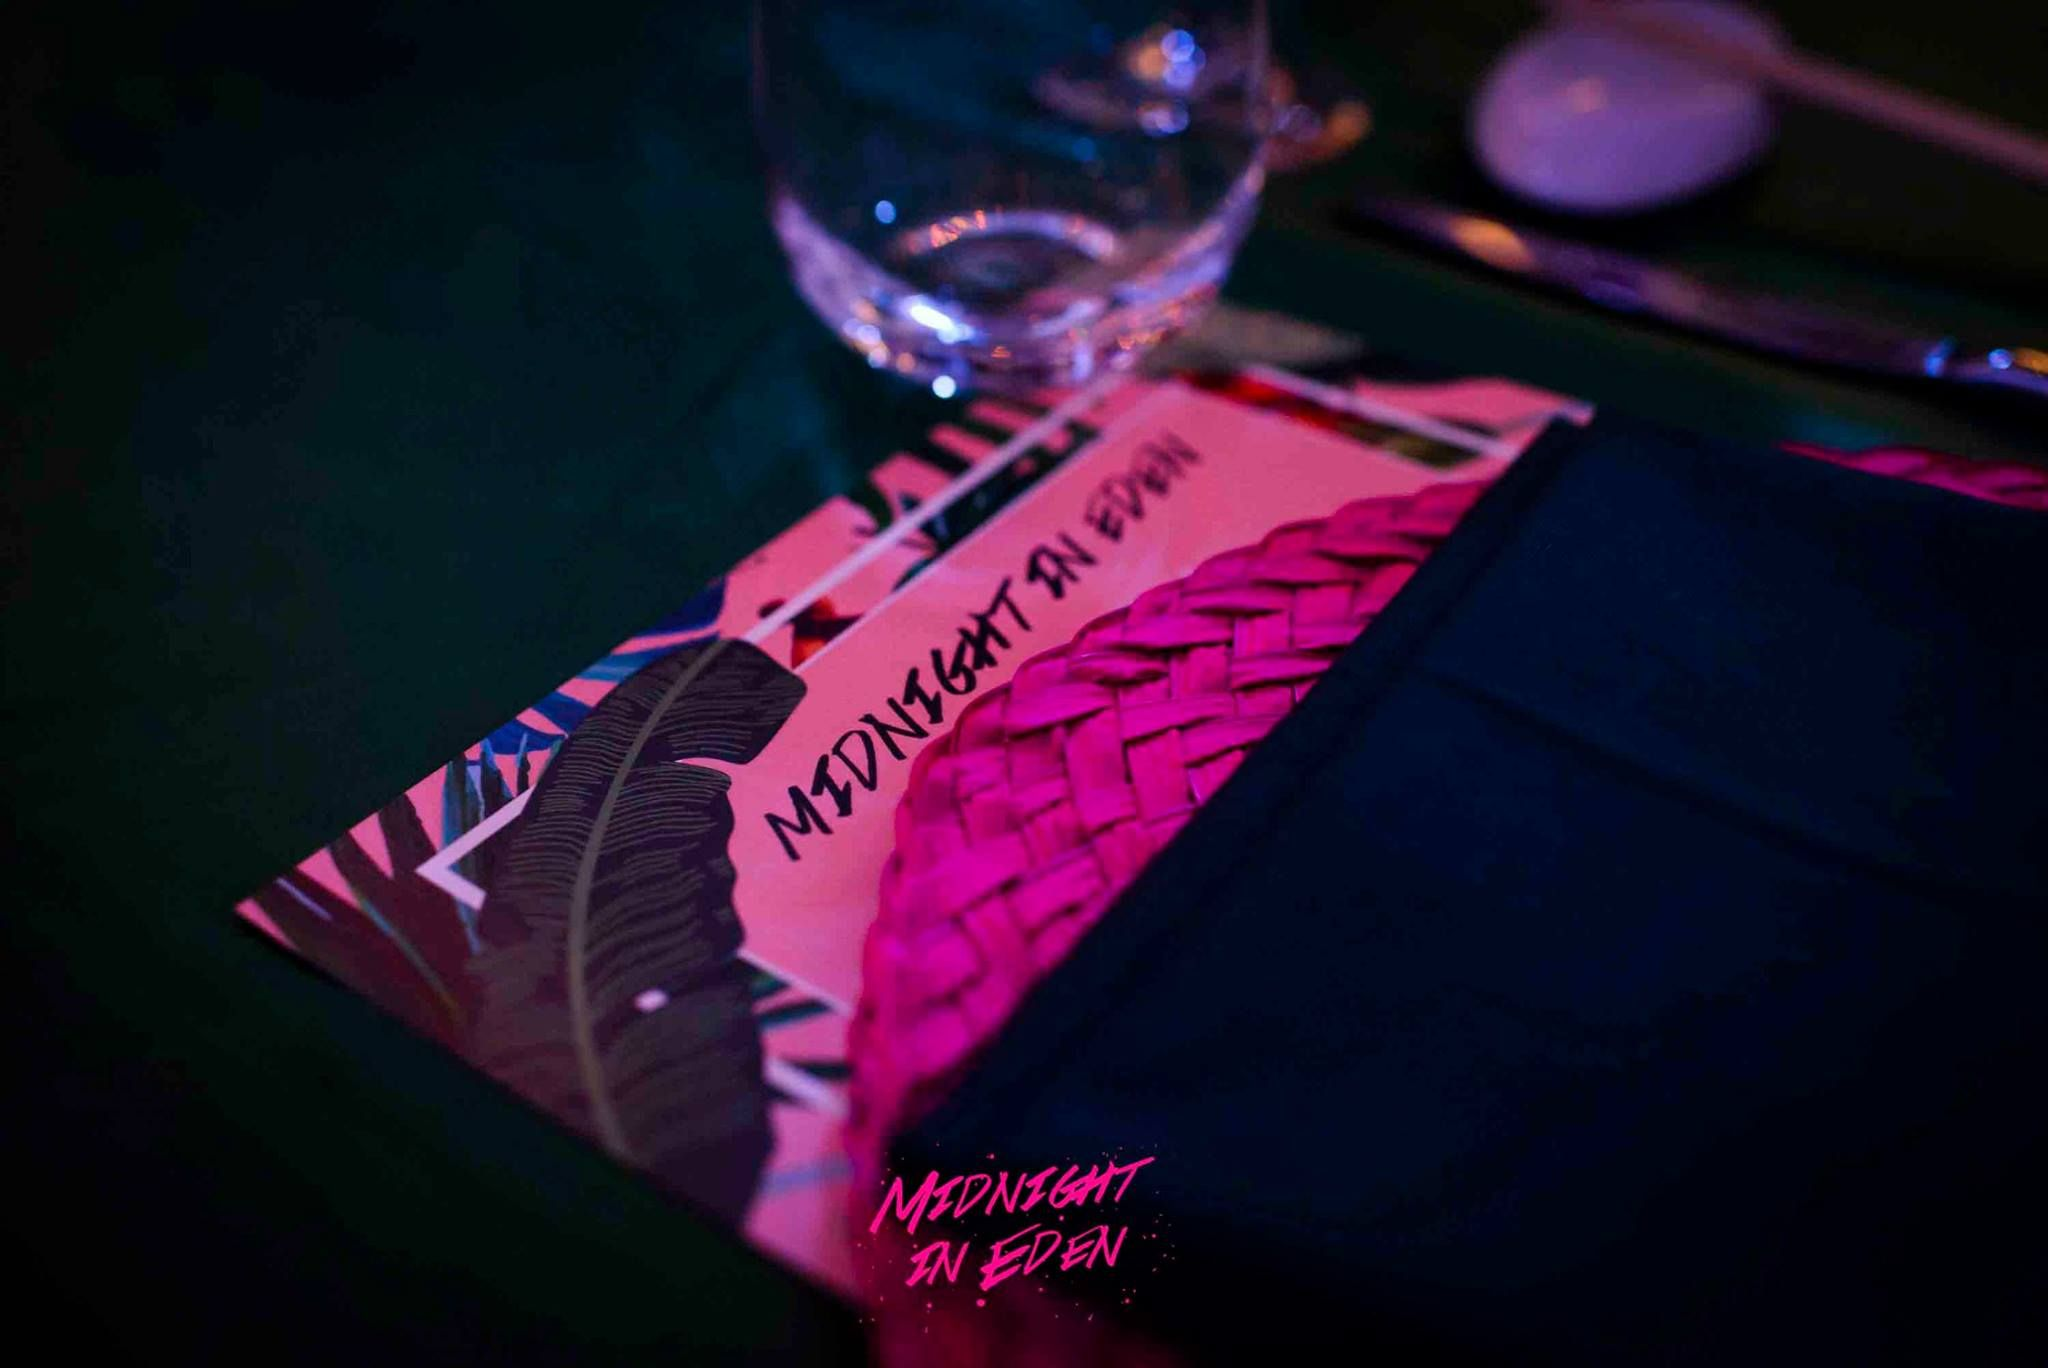 NYE 2016 Nye 2016, Nye, Cards against humanity